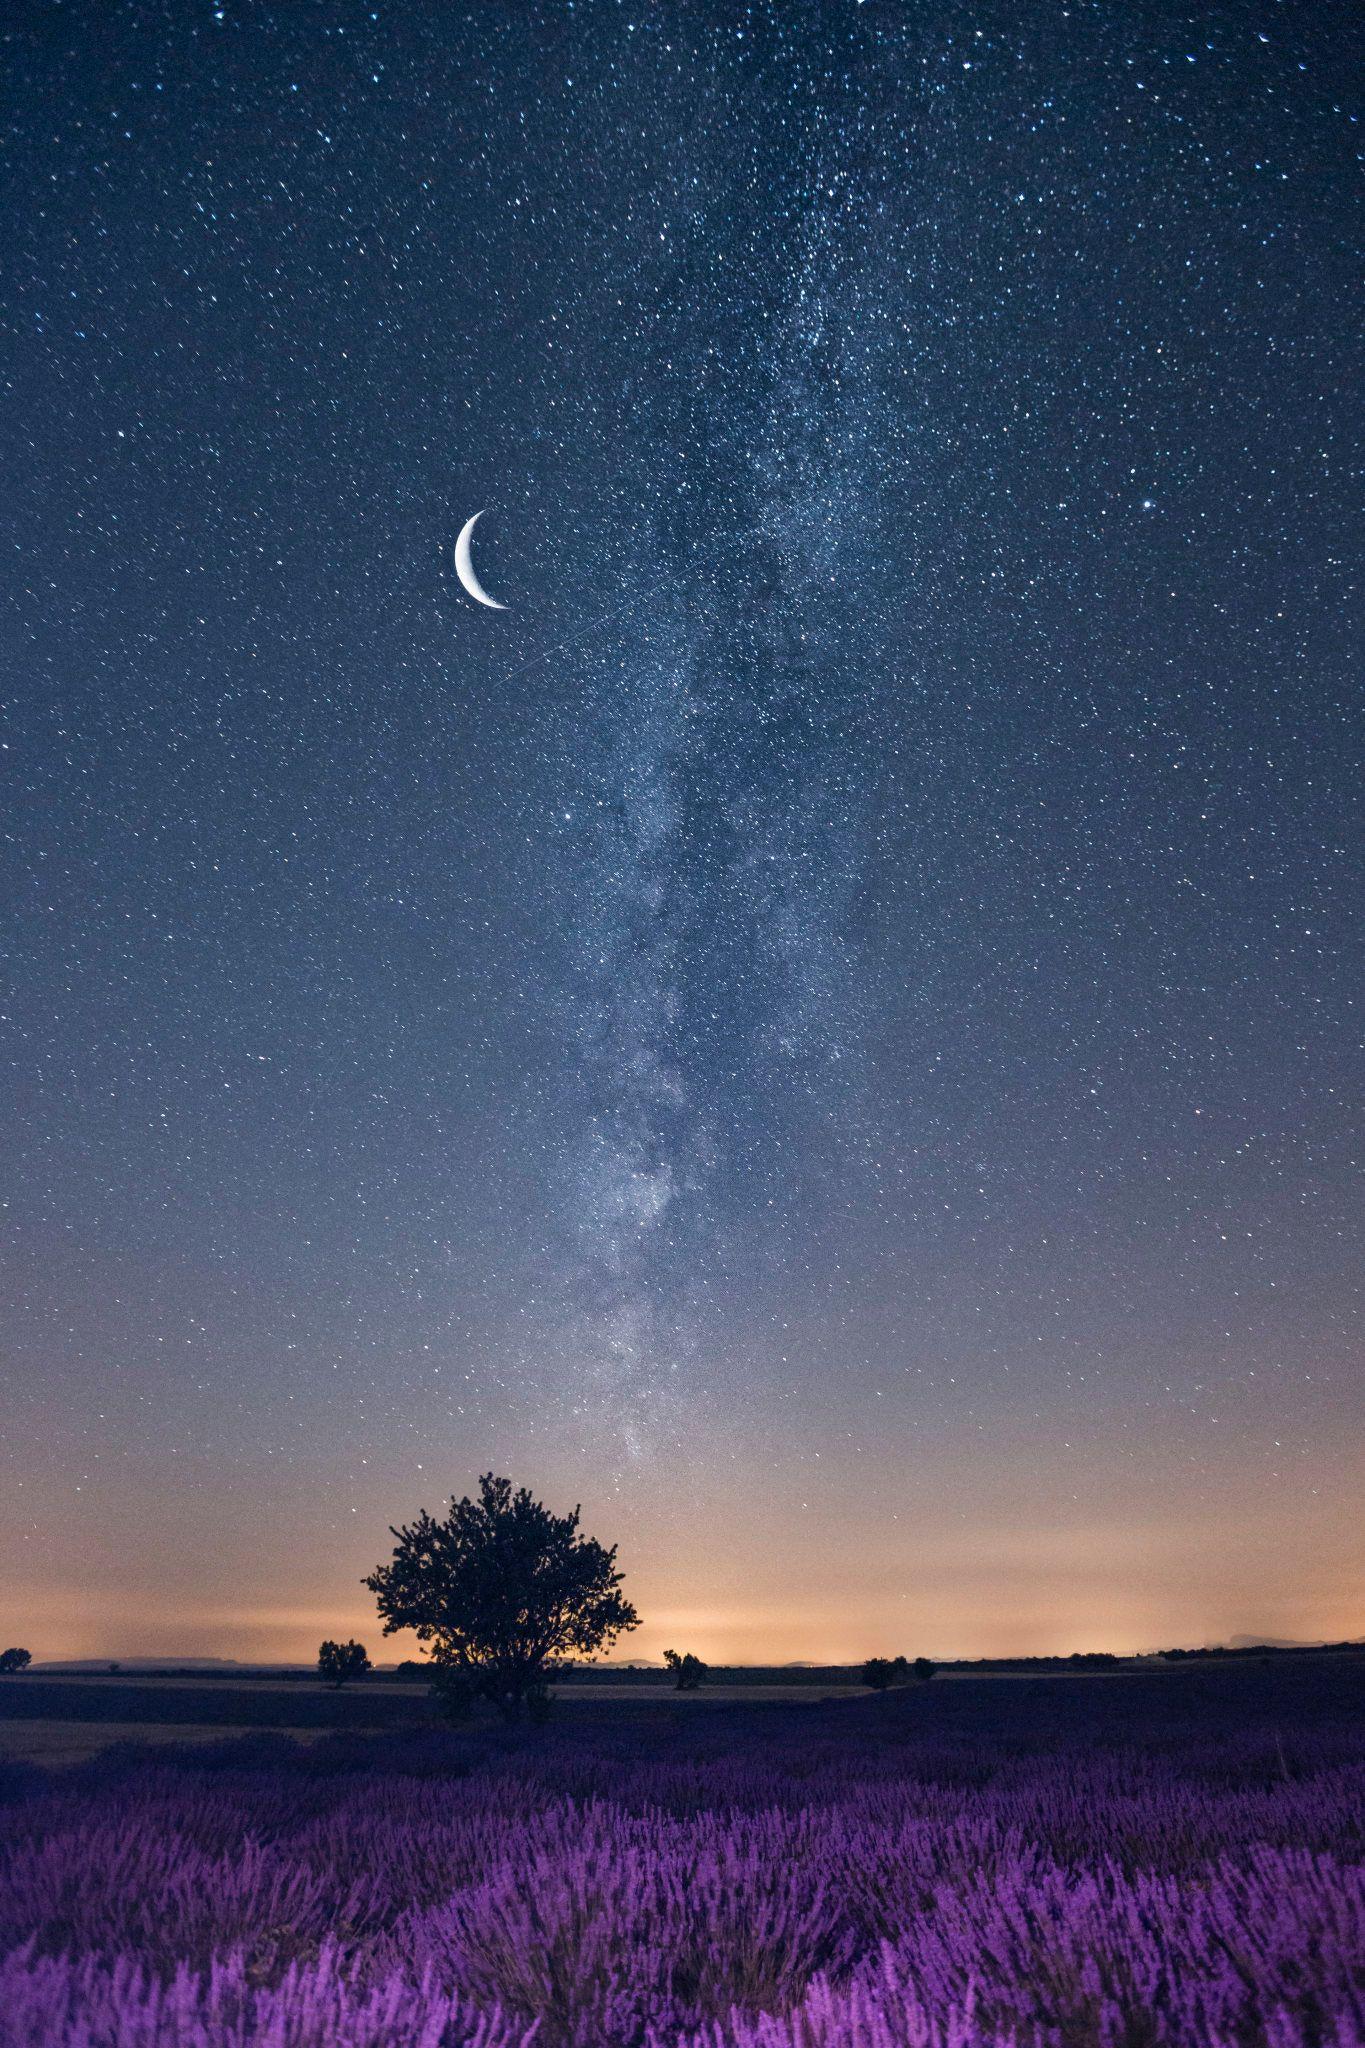 流星划破了天际_浪漫星空 - 七月的普罗旺斯薰衣草盛开,空气中弥漫着淡淡的 ...